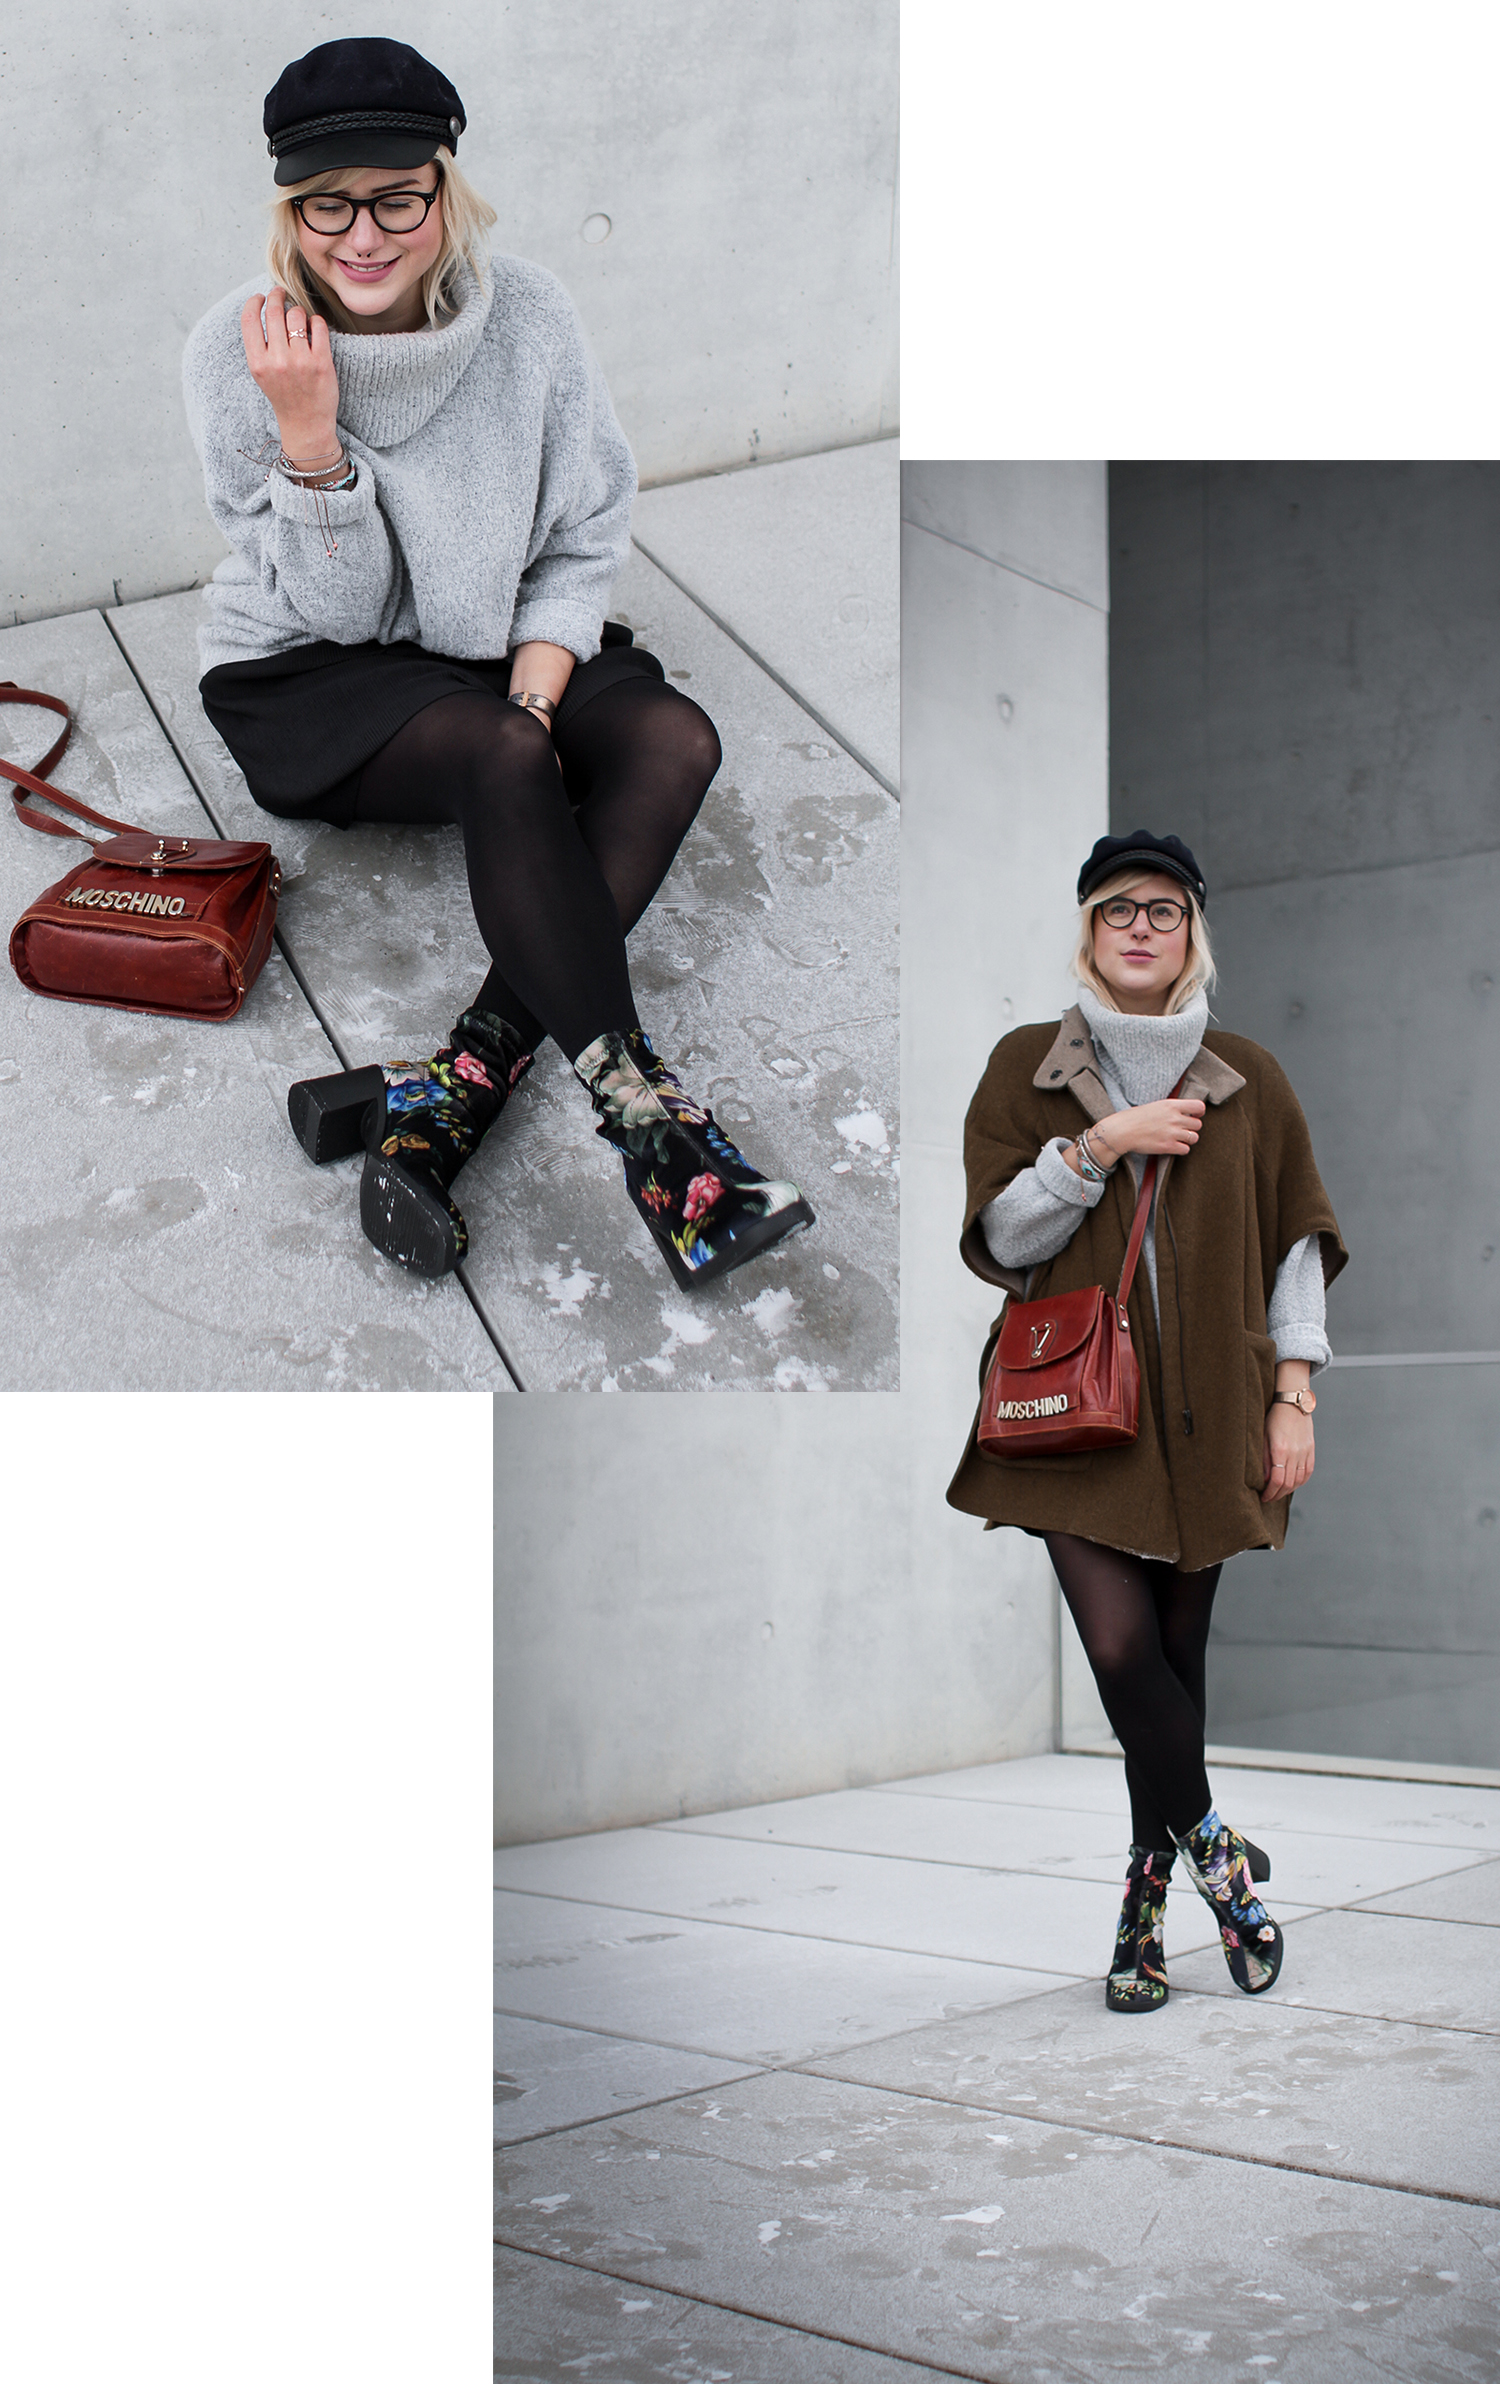 Fashion week berlin 2017 termin - Turtleneck Ein Zimmer Voller Bilder